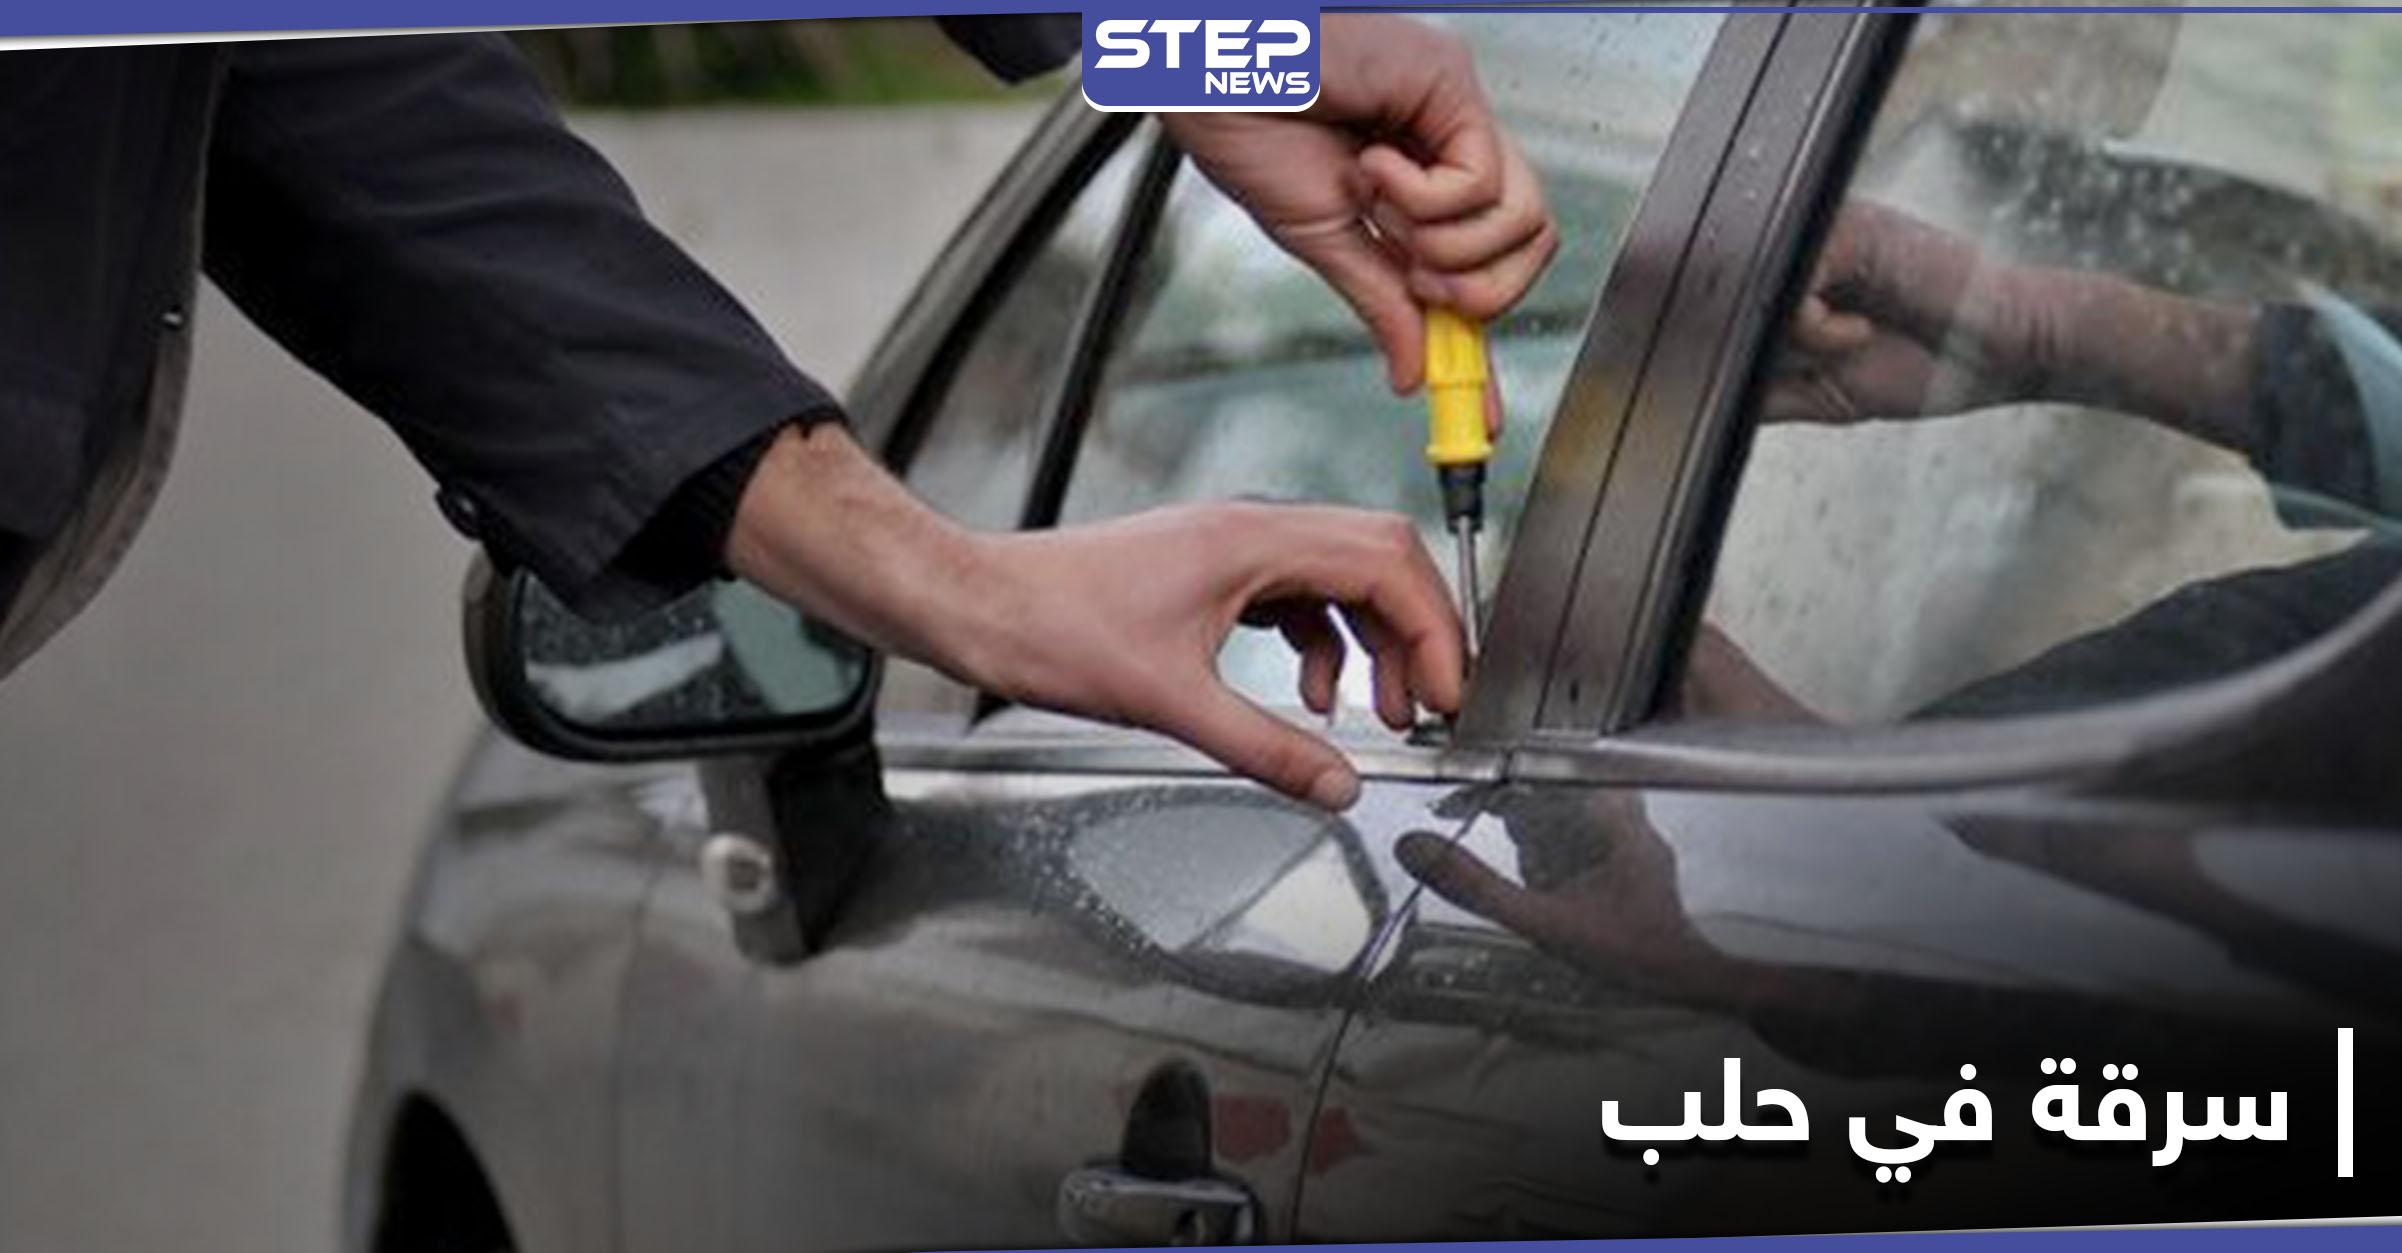 أهالي مدينة حلب يتصدون لعصابات السرقة معرضين حياتهم للخطر